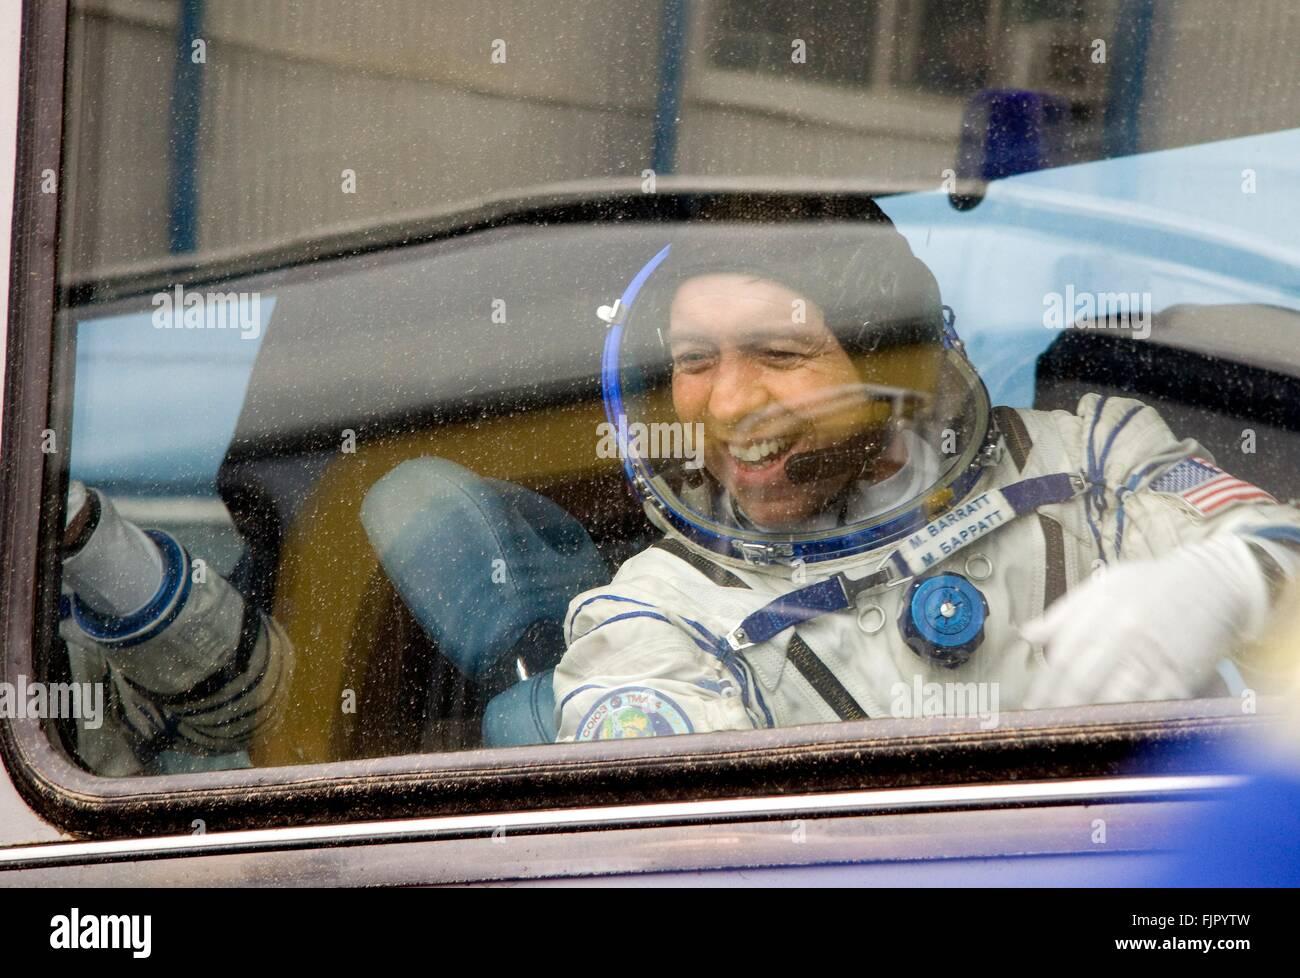 L'expédition 19 de la Station spatiale internationale L'astronaute Michael Barratt courbes à sa famille de l'autobus Banque D'Images